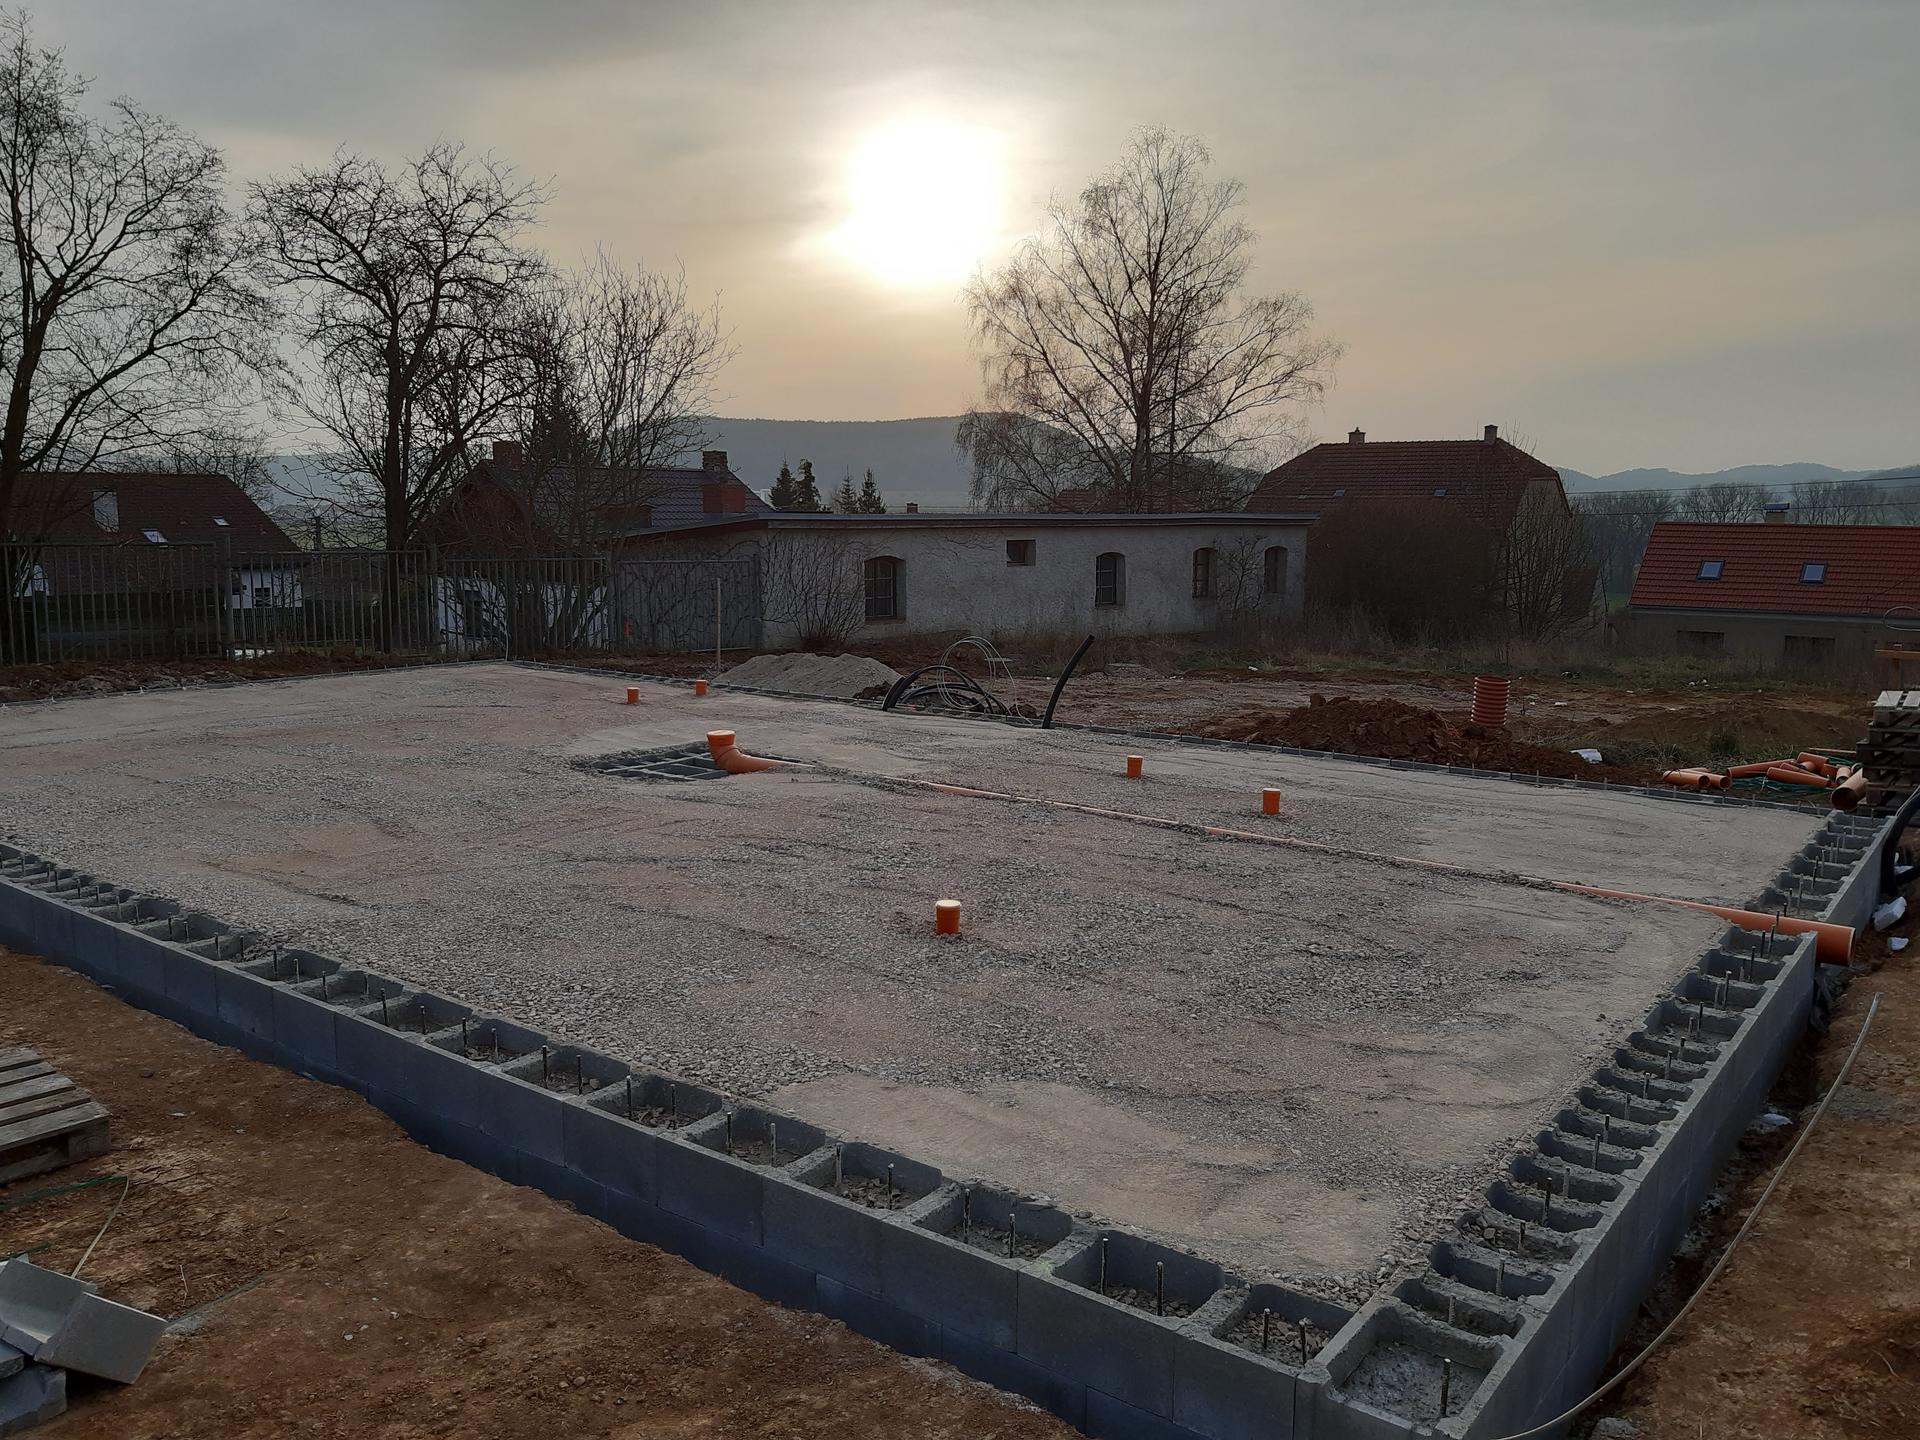 Hrubá stavba - březen - zaří 2020 - Obrázek č. 5